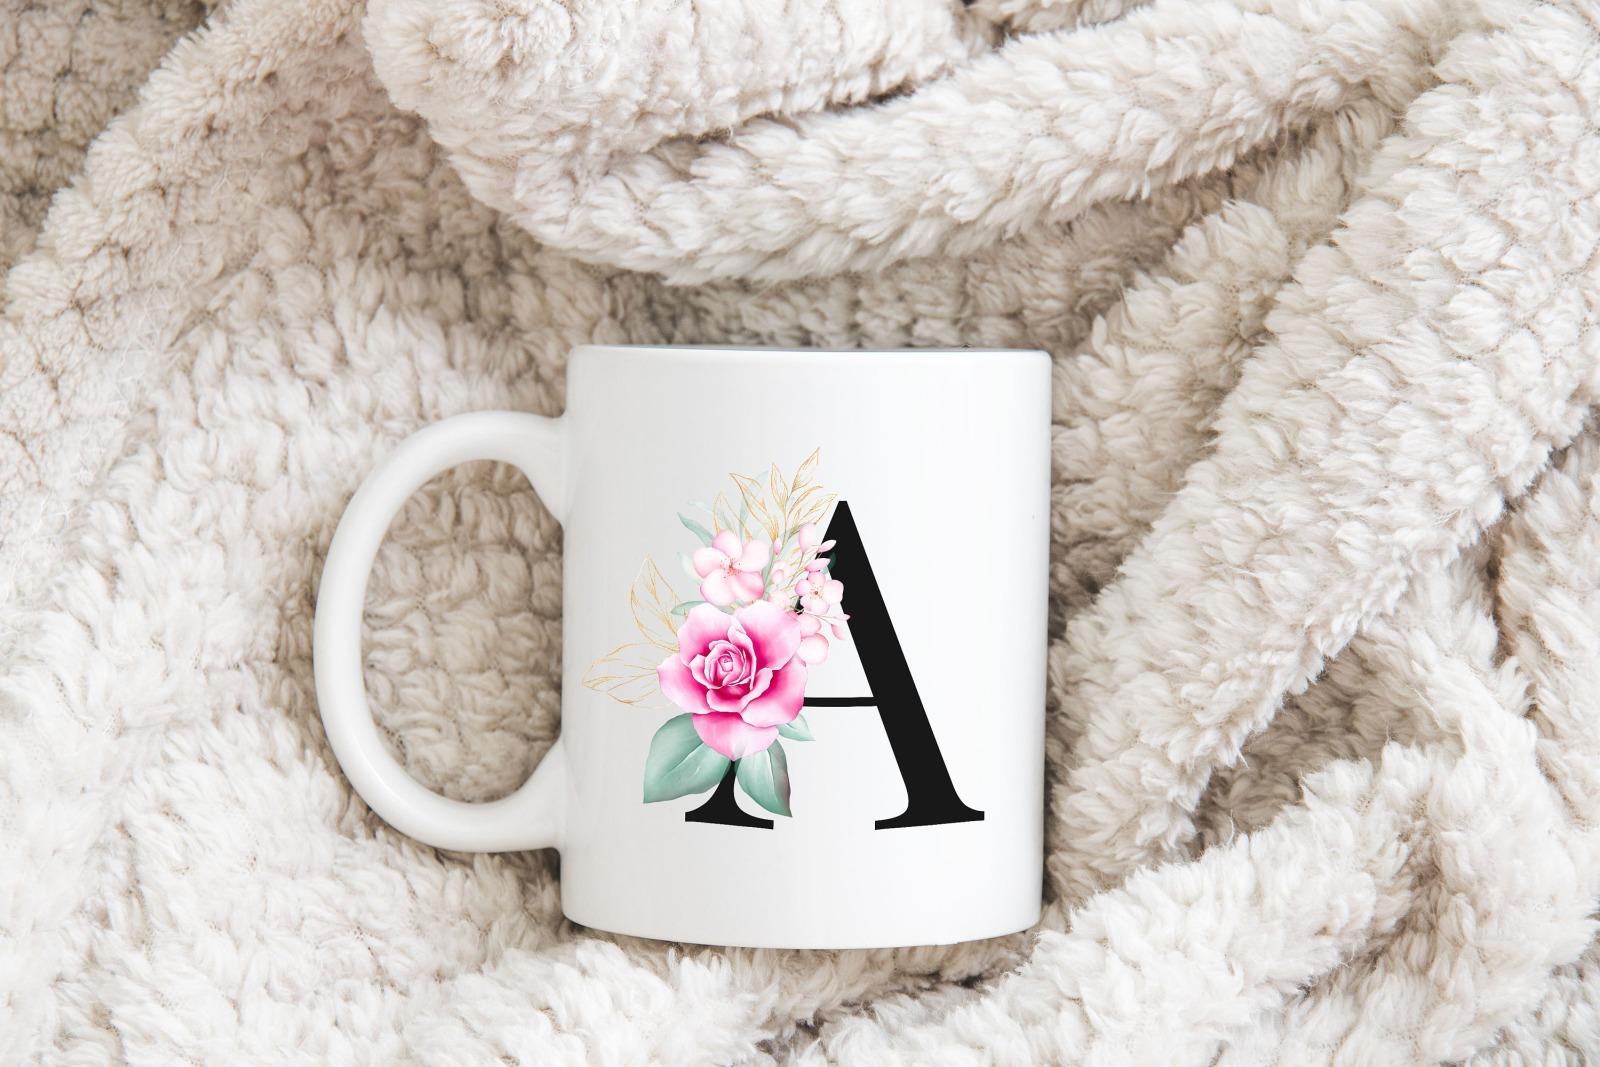 Buchstabentasse Kaffee-Tasse mit Pink-Flower Buchstabe 2